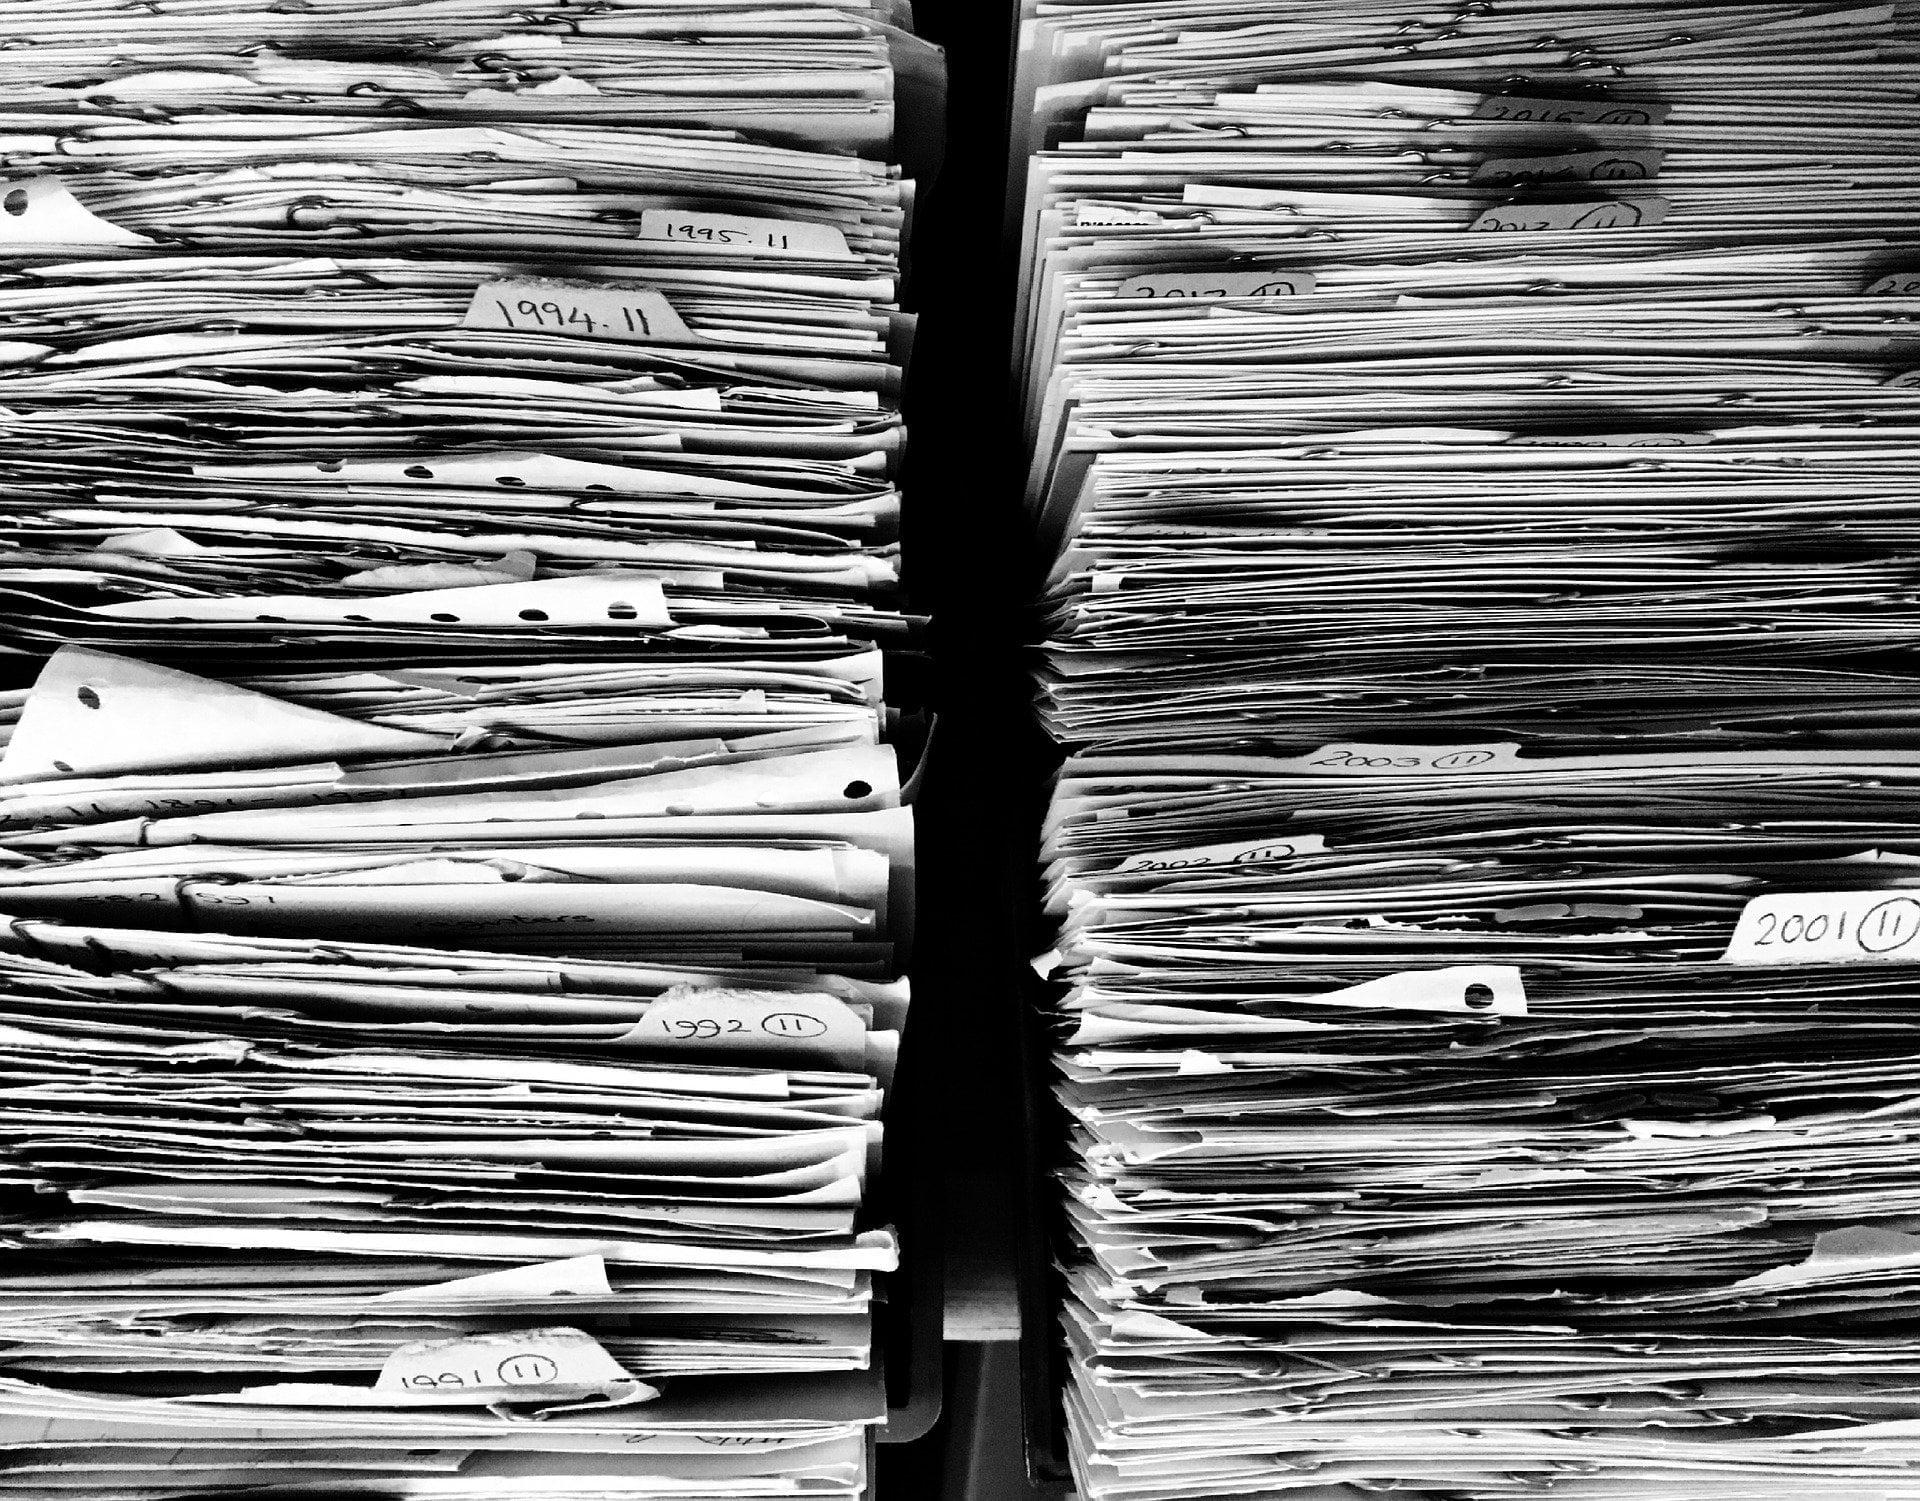 CONFAZ ratifica alterações na descrição de produtos do Convênio 01/99